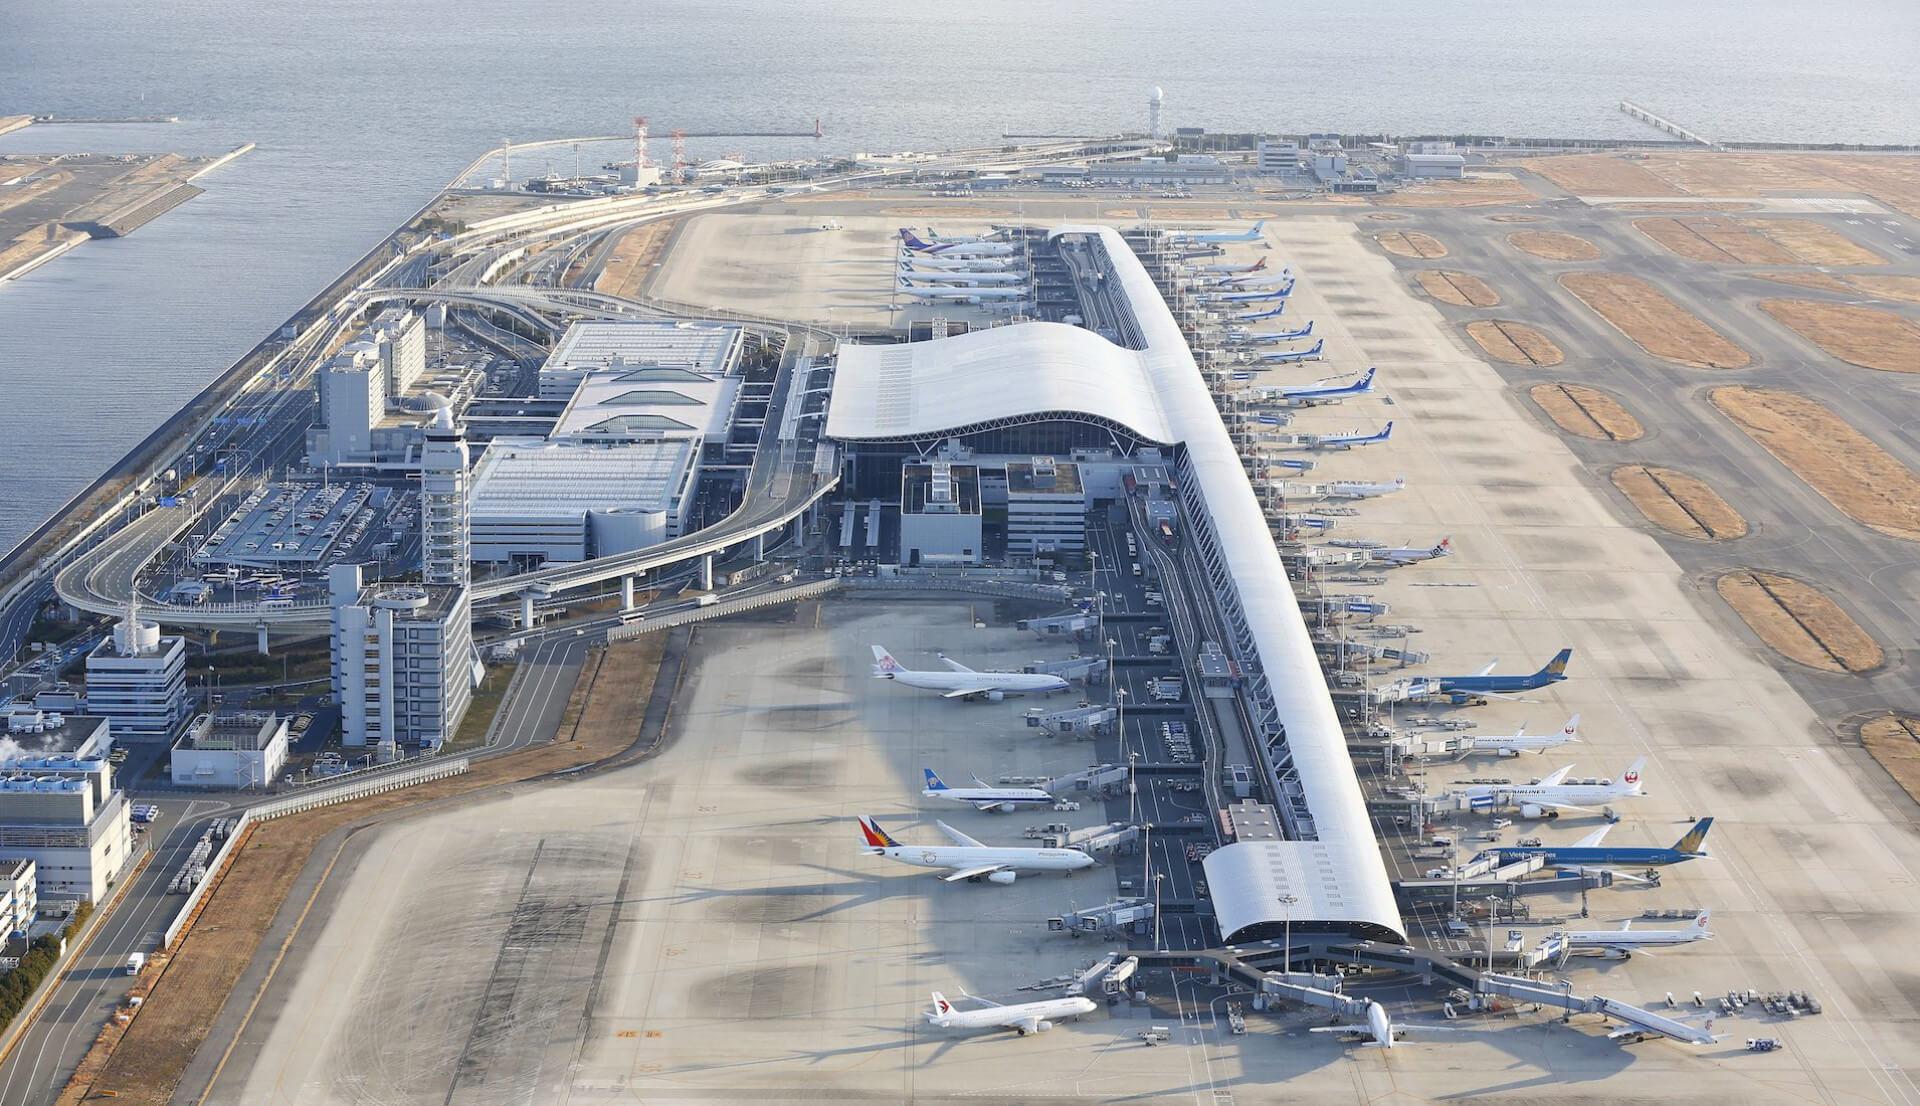 Sân bay Kansai - Osaka